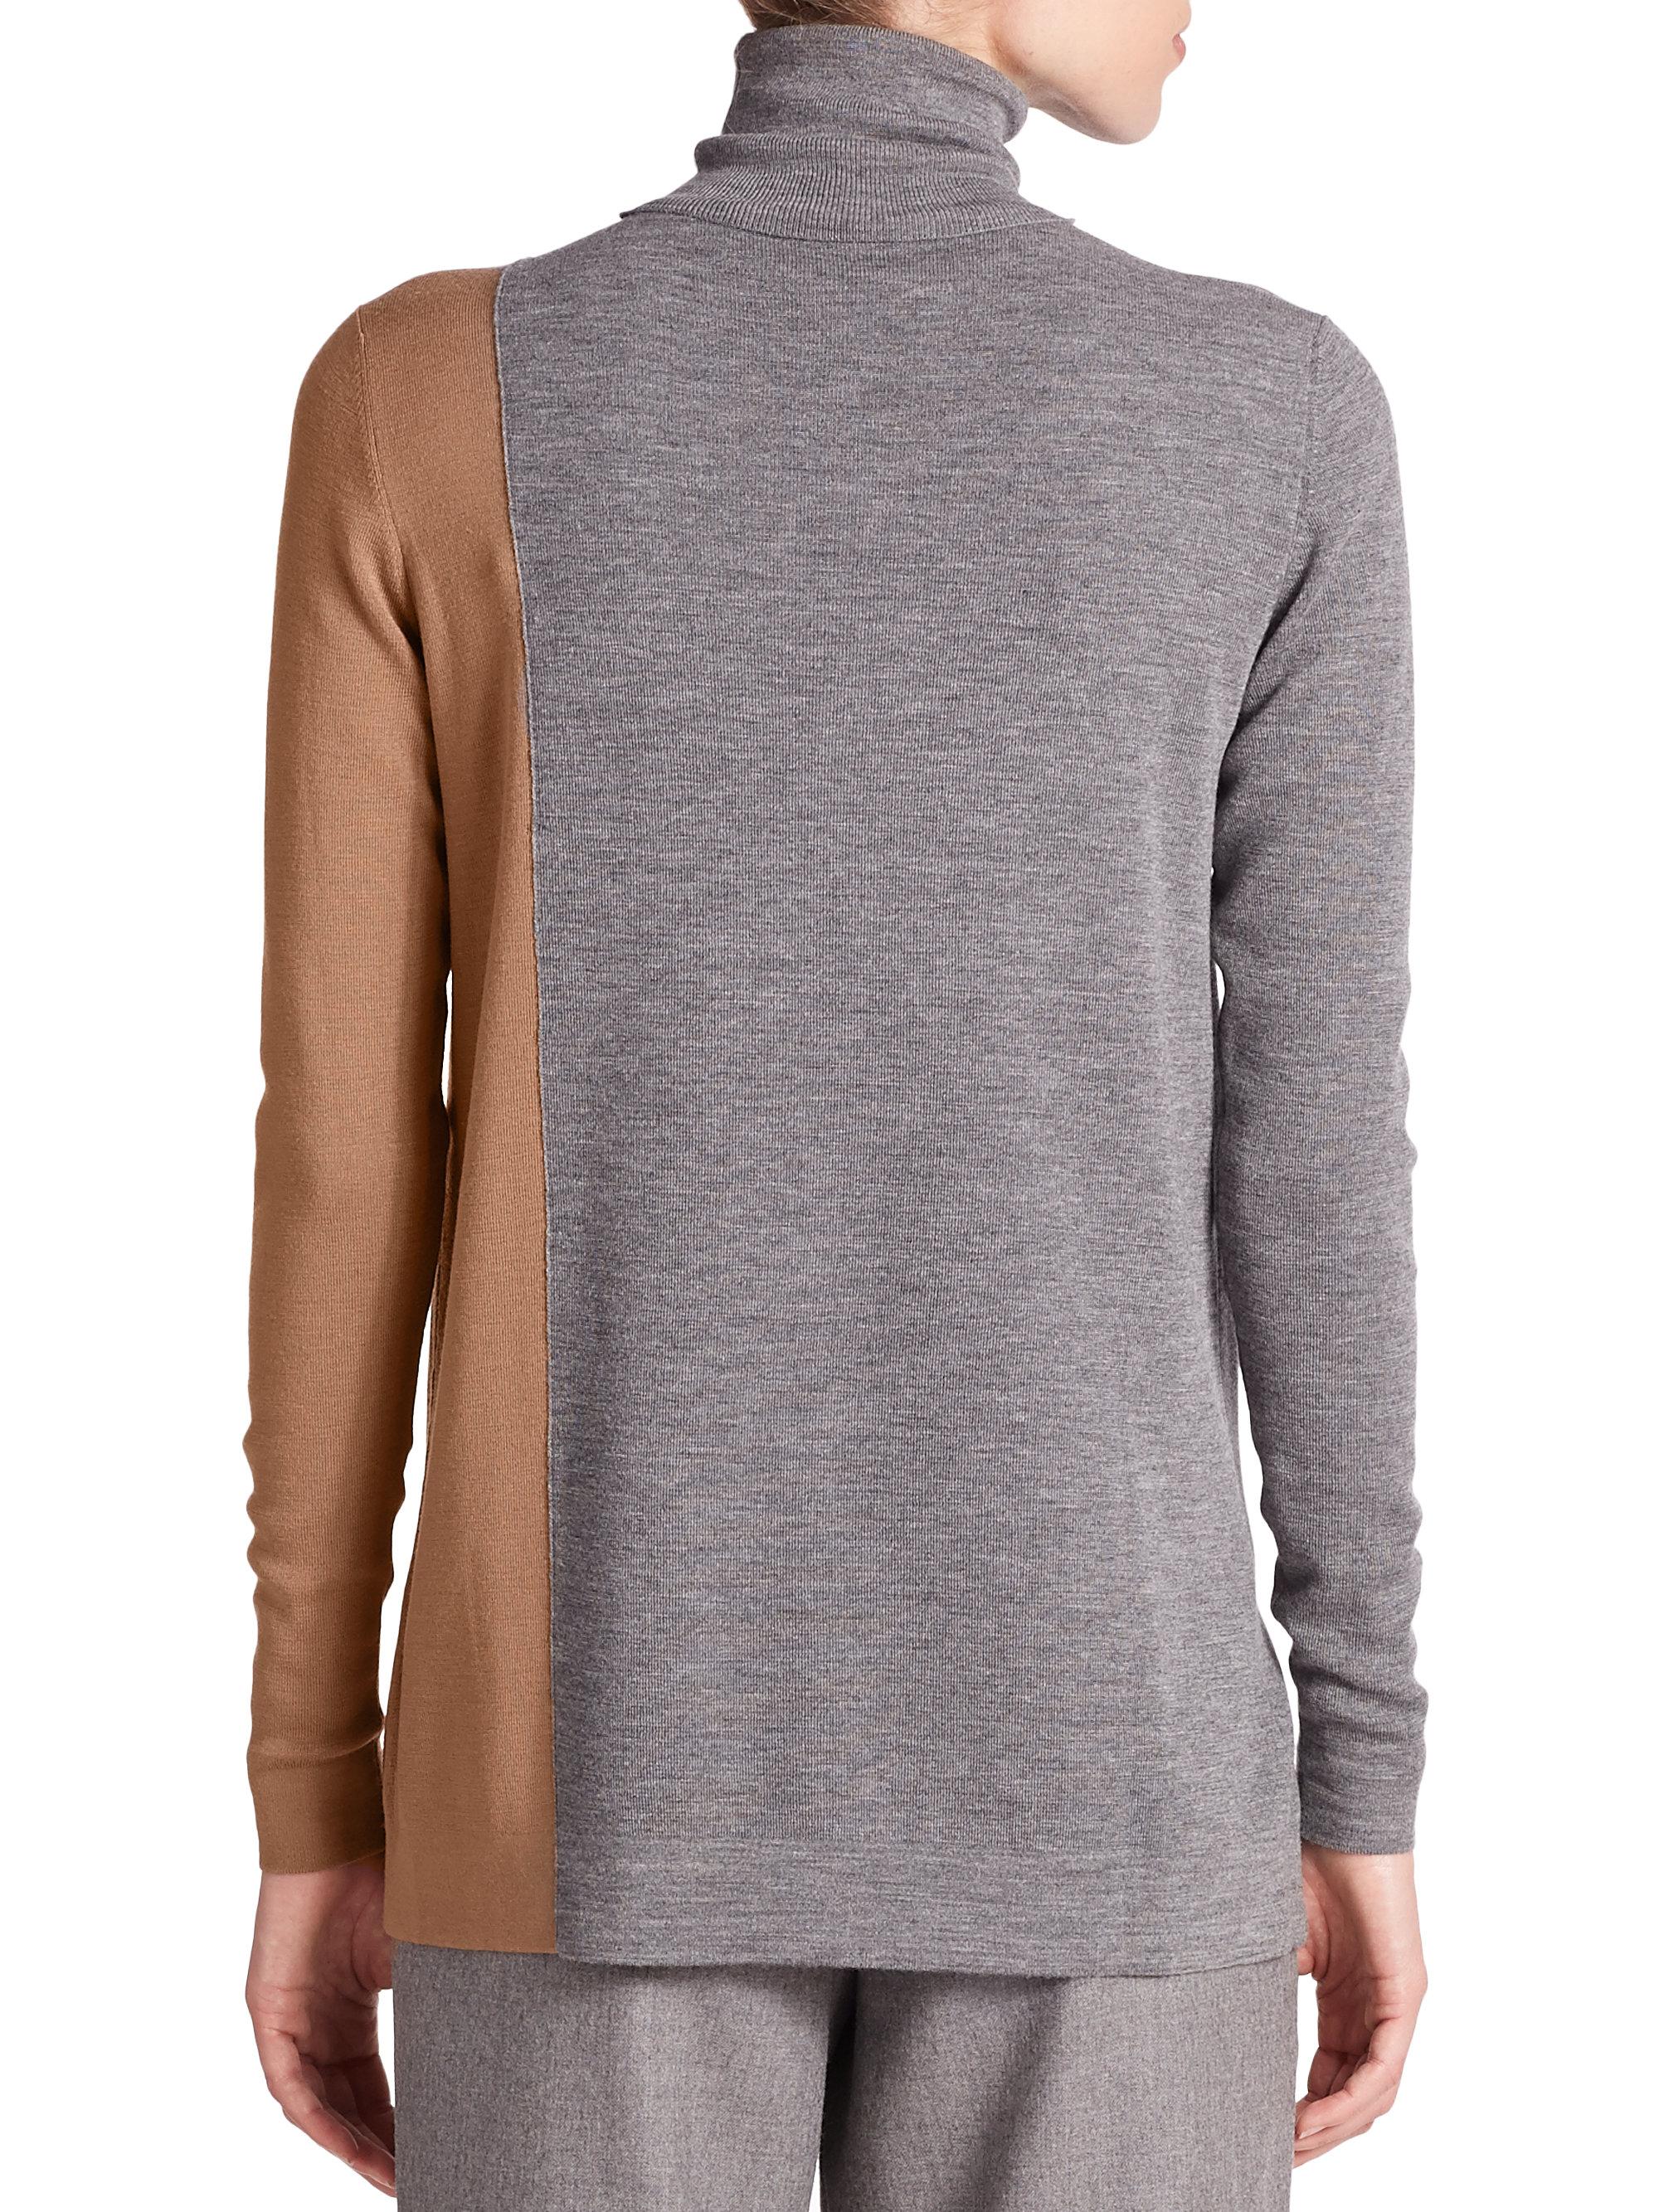 Dockers Sweater